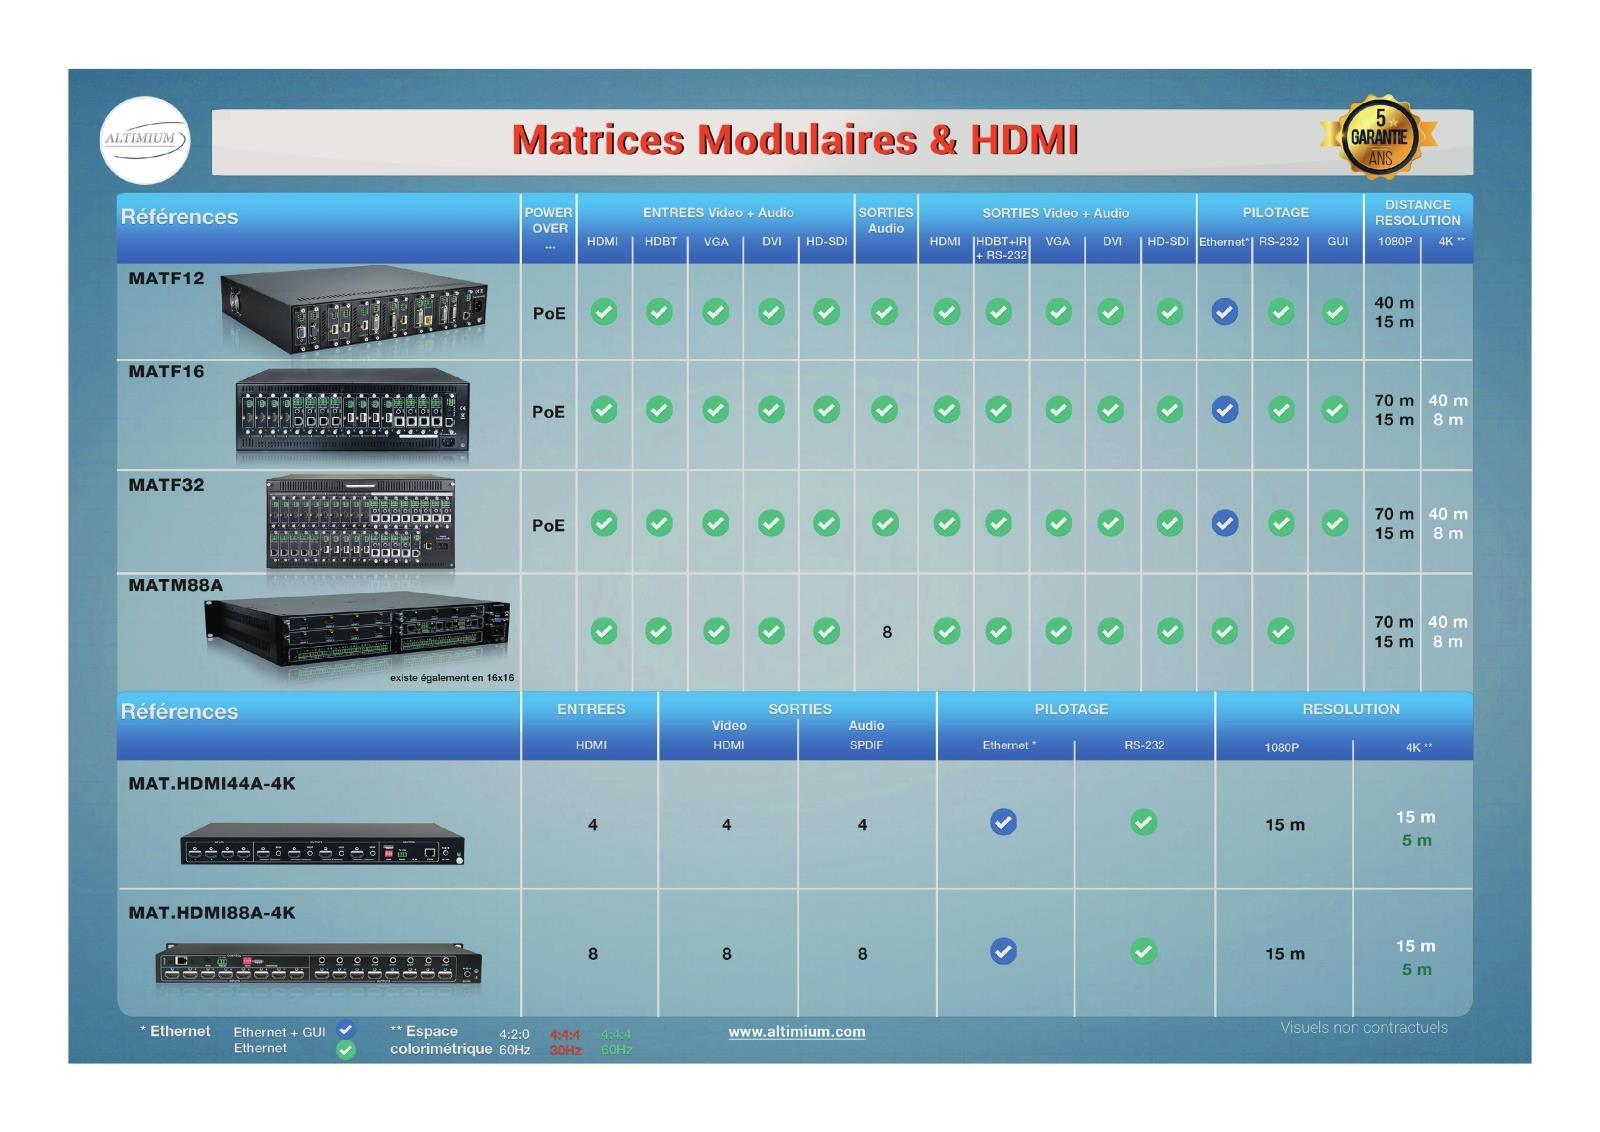 tableau comparaison Matrices Flexibles et Modulaires HDMI Altimium